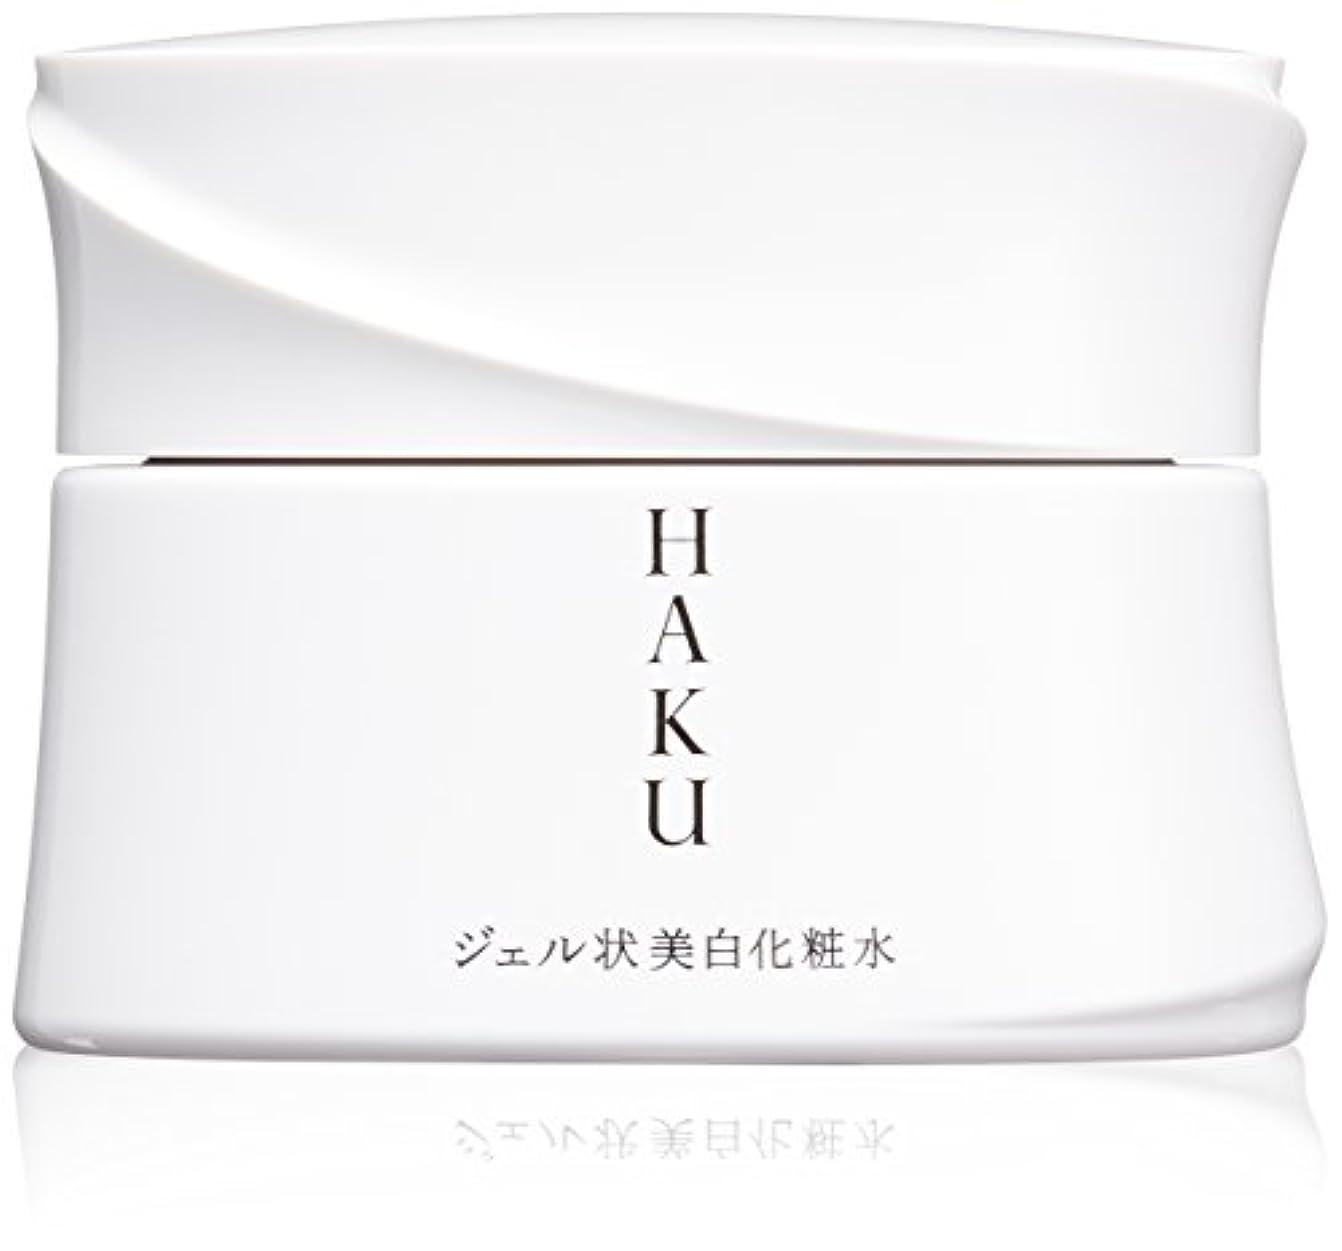 絶対に迅速命令HAKU メラノディープモイスチャー 美白化粧水 100g 【医薬部外品】